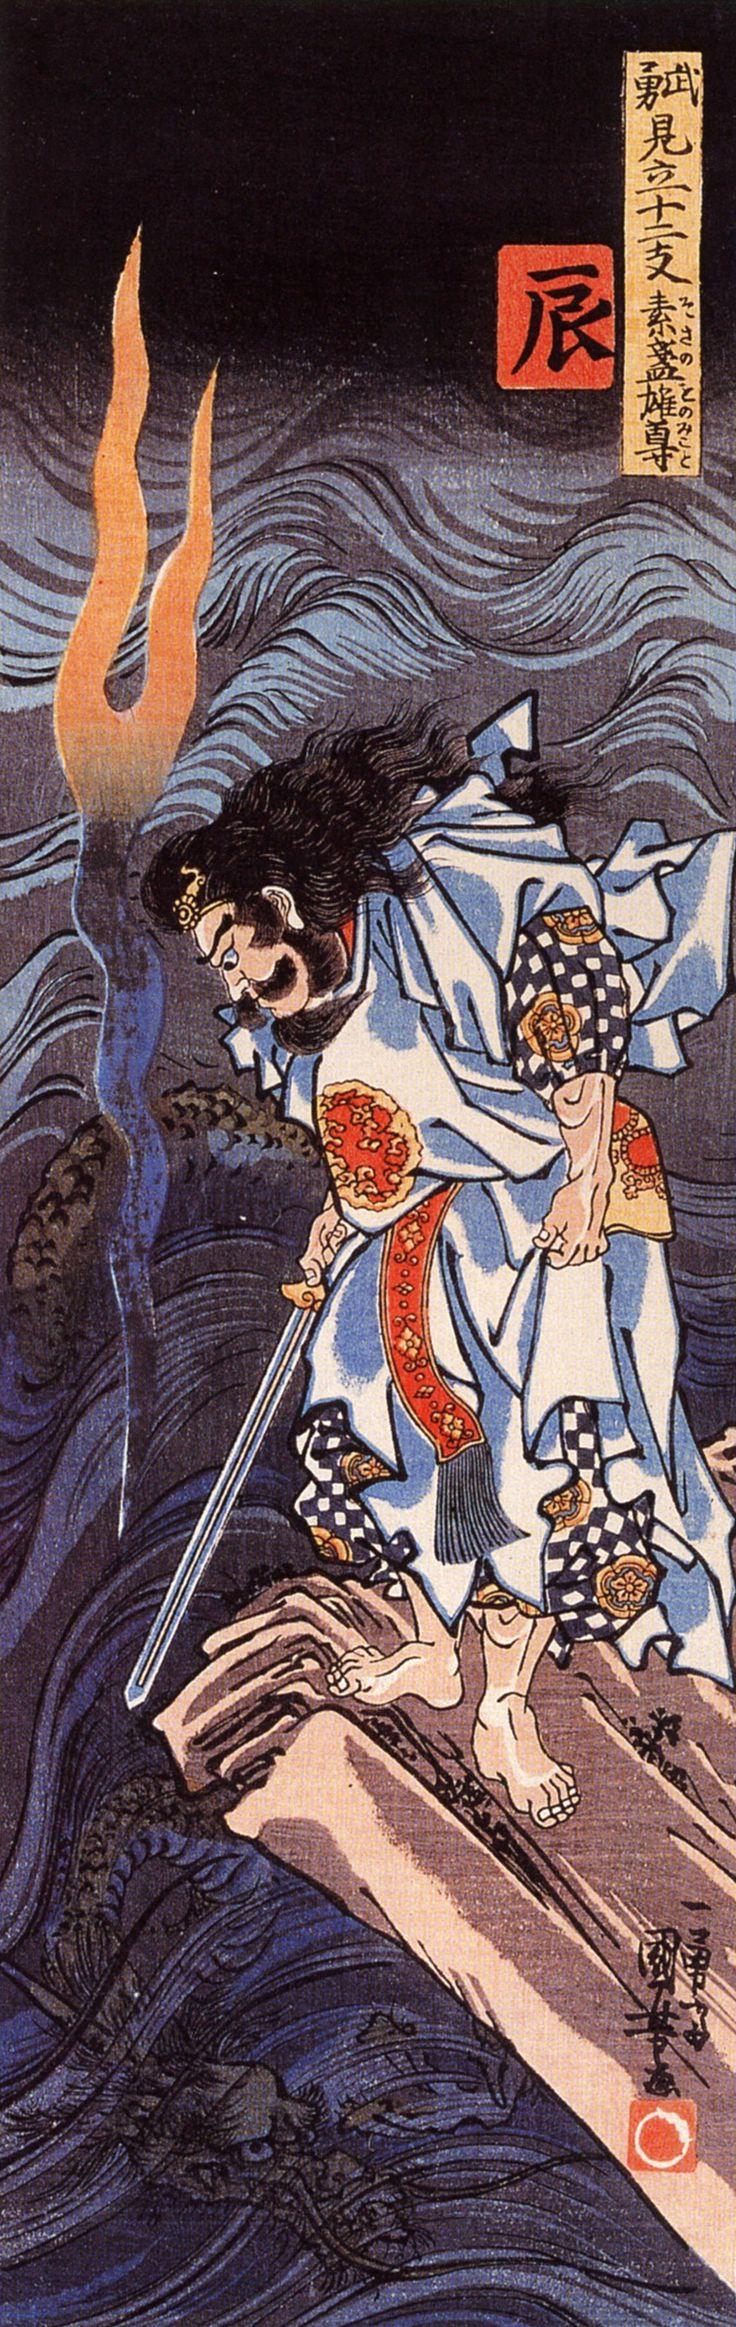 """http://en.wikipedia.org/wiki/Susanoo  """"Susano'o slaying the Yamata no Orochi, by Utagawa Kuniyoshi"""""""